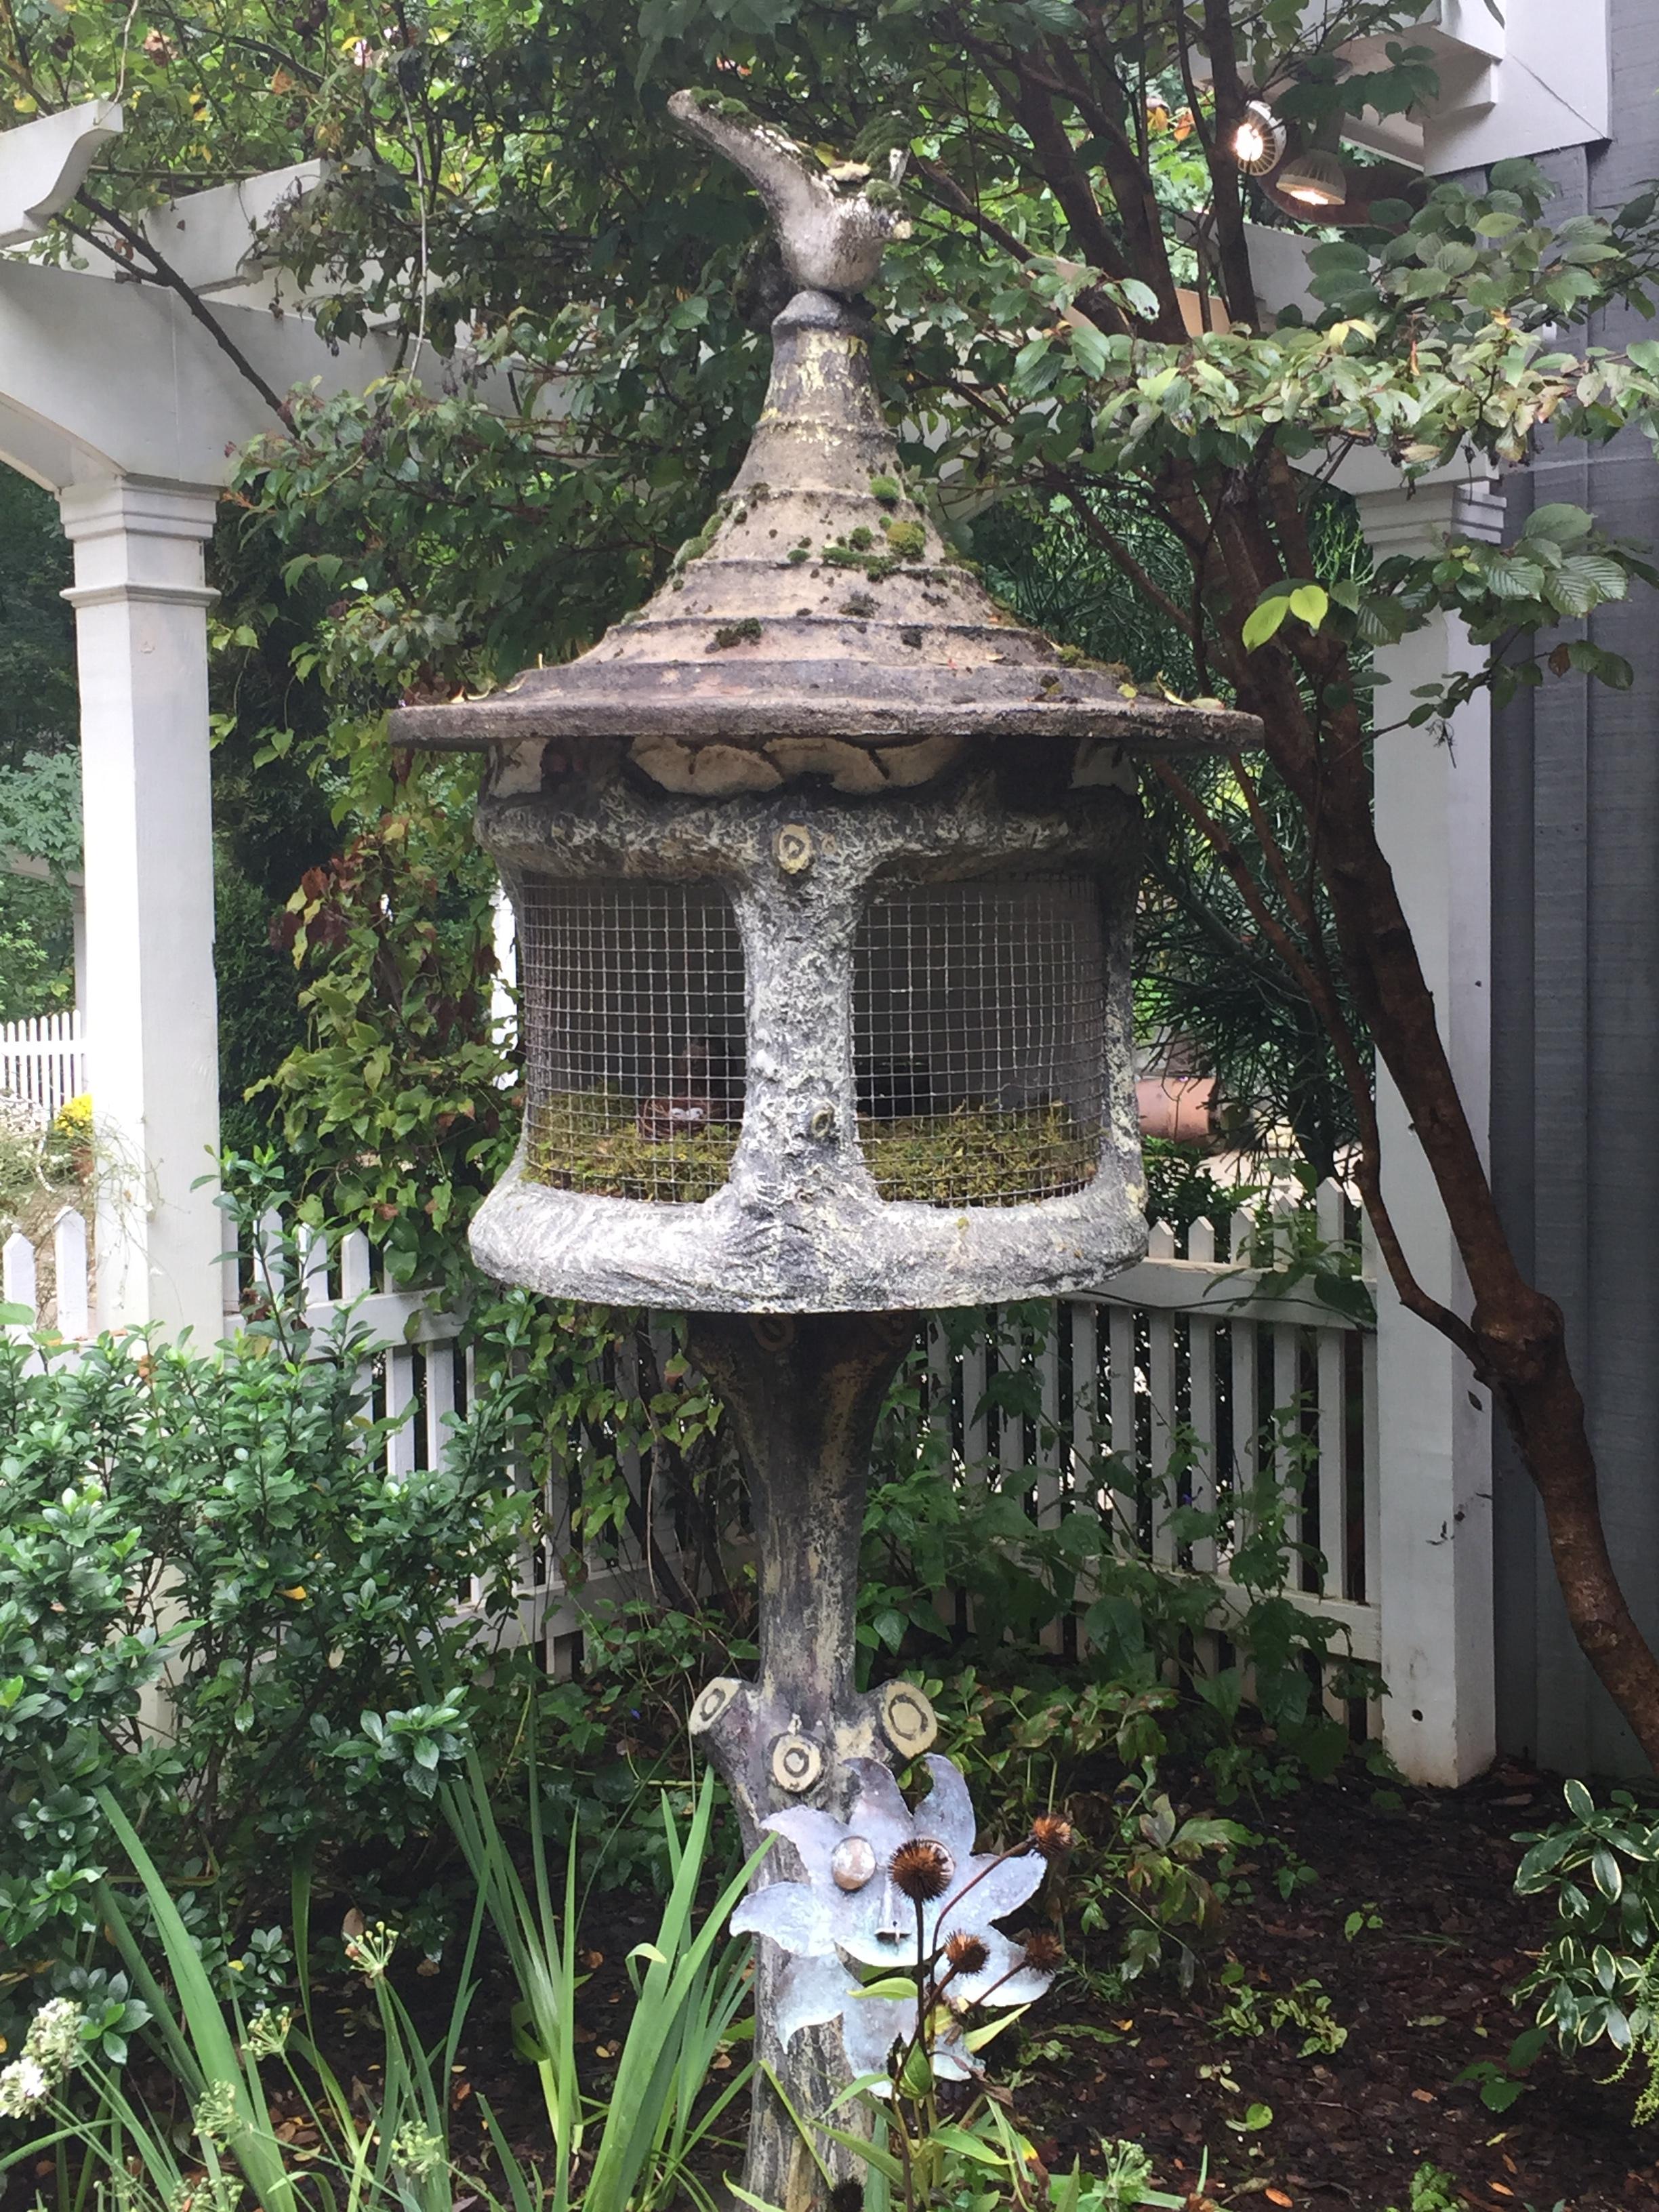 Birdhouses housed some live birds!